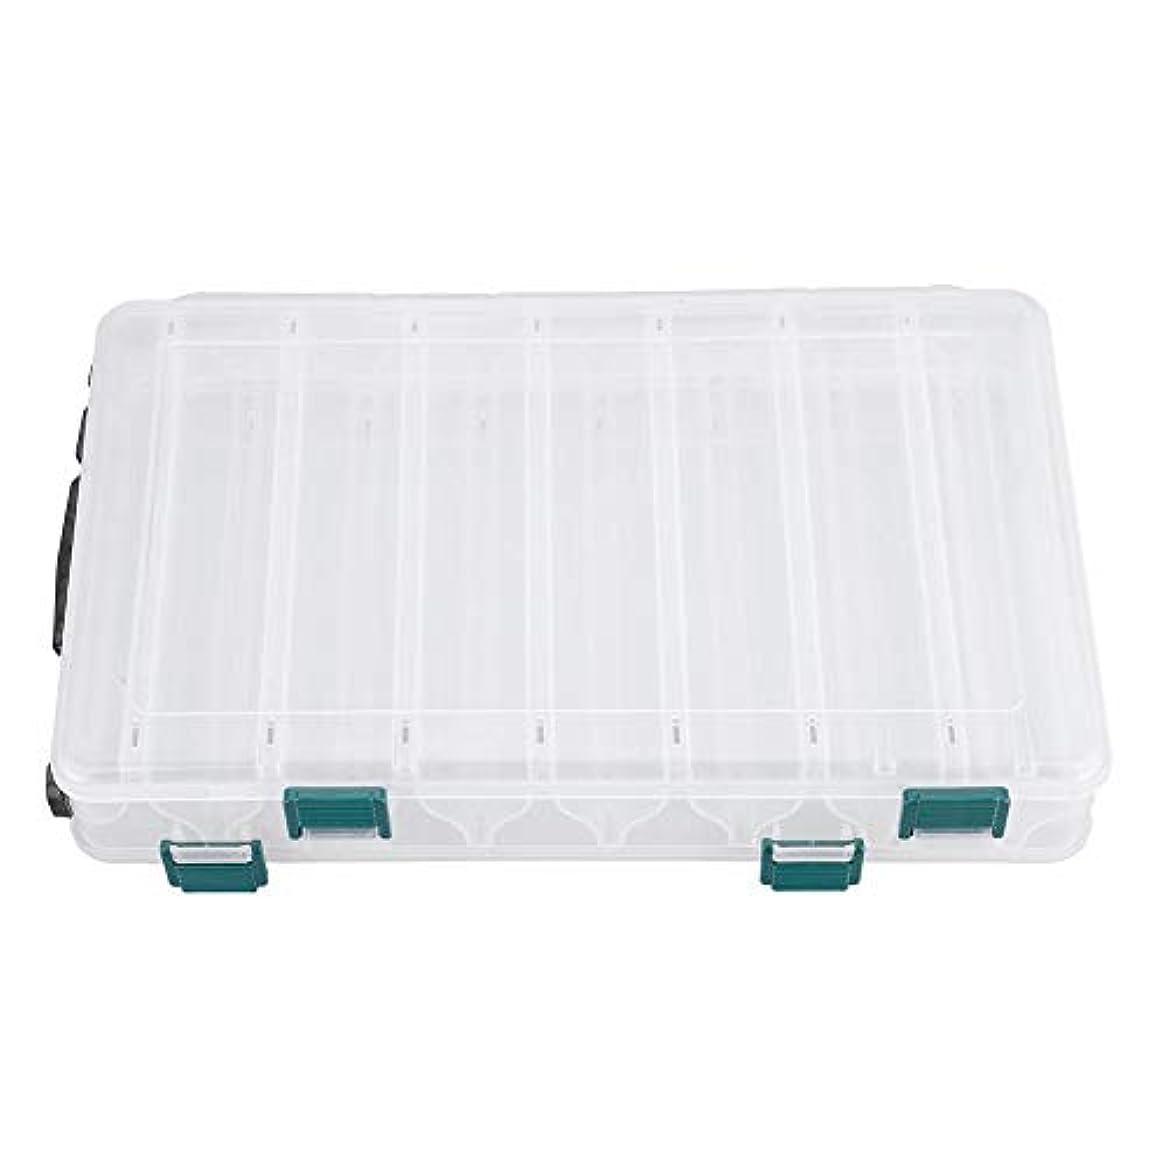 冗長シェード正当化するルアーボックス、ダブルサイドプラスチックフィッシングベイトフィッシングフックボックスルアーホルダーケース大容量アクセサリー(14スロット)